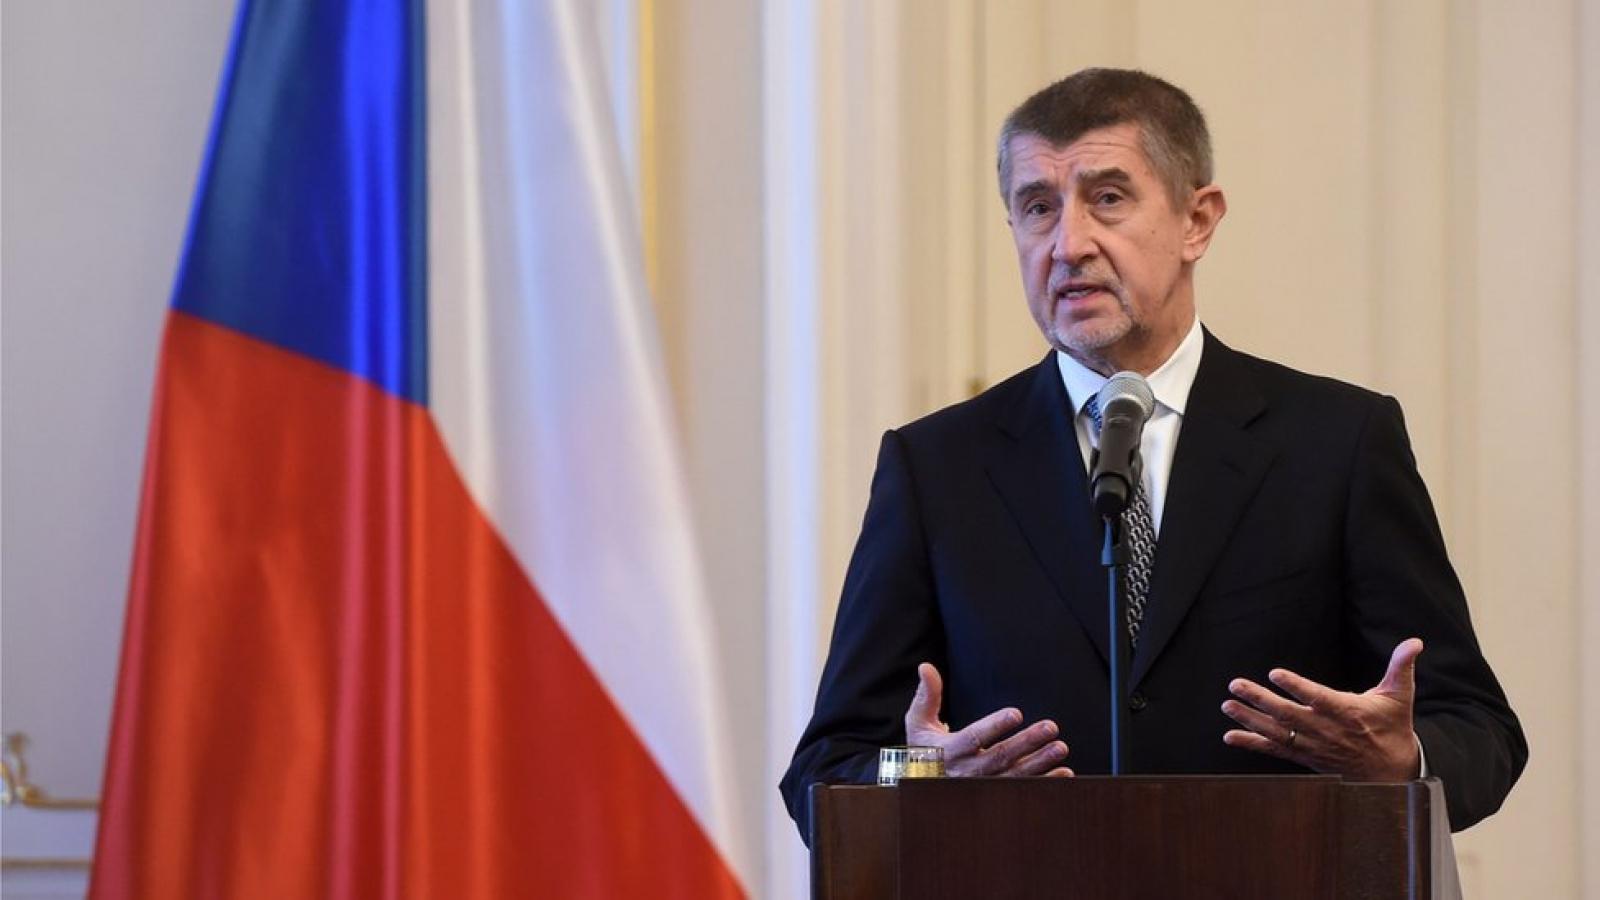 Séc chỉ nhập khẩu vắc xin đã được EU hoặc Bộ Y tế Séc chấp thuận